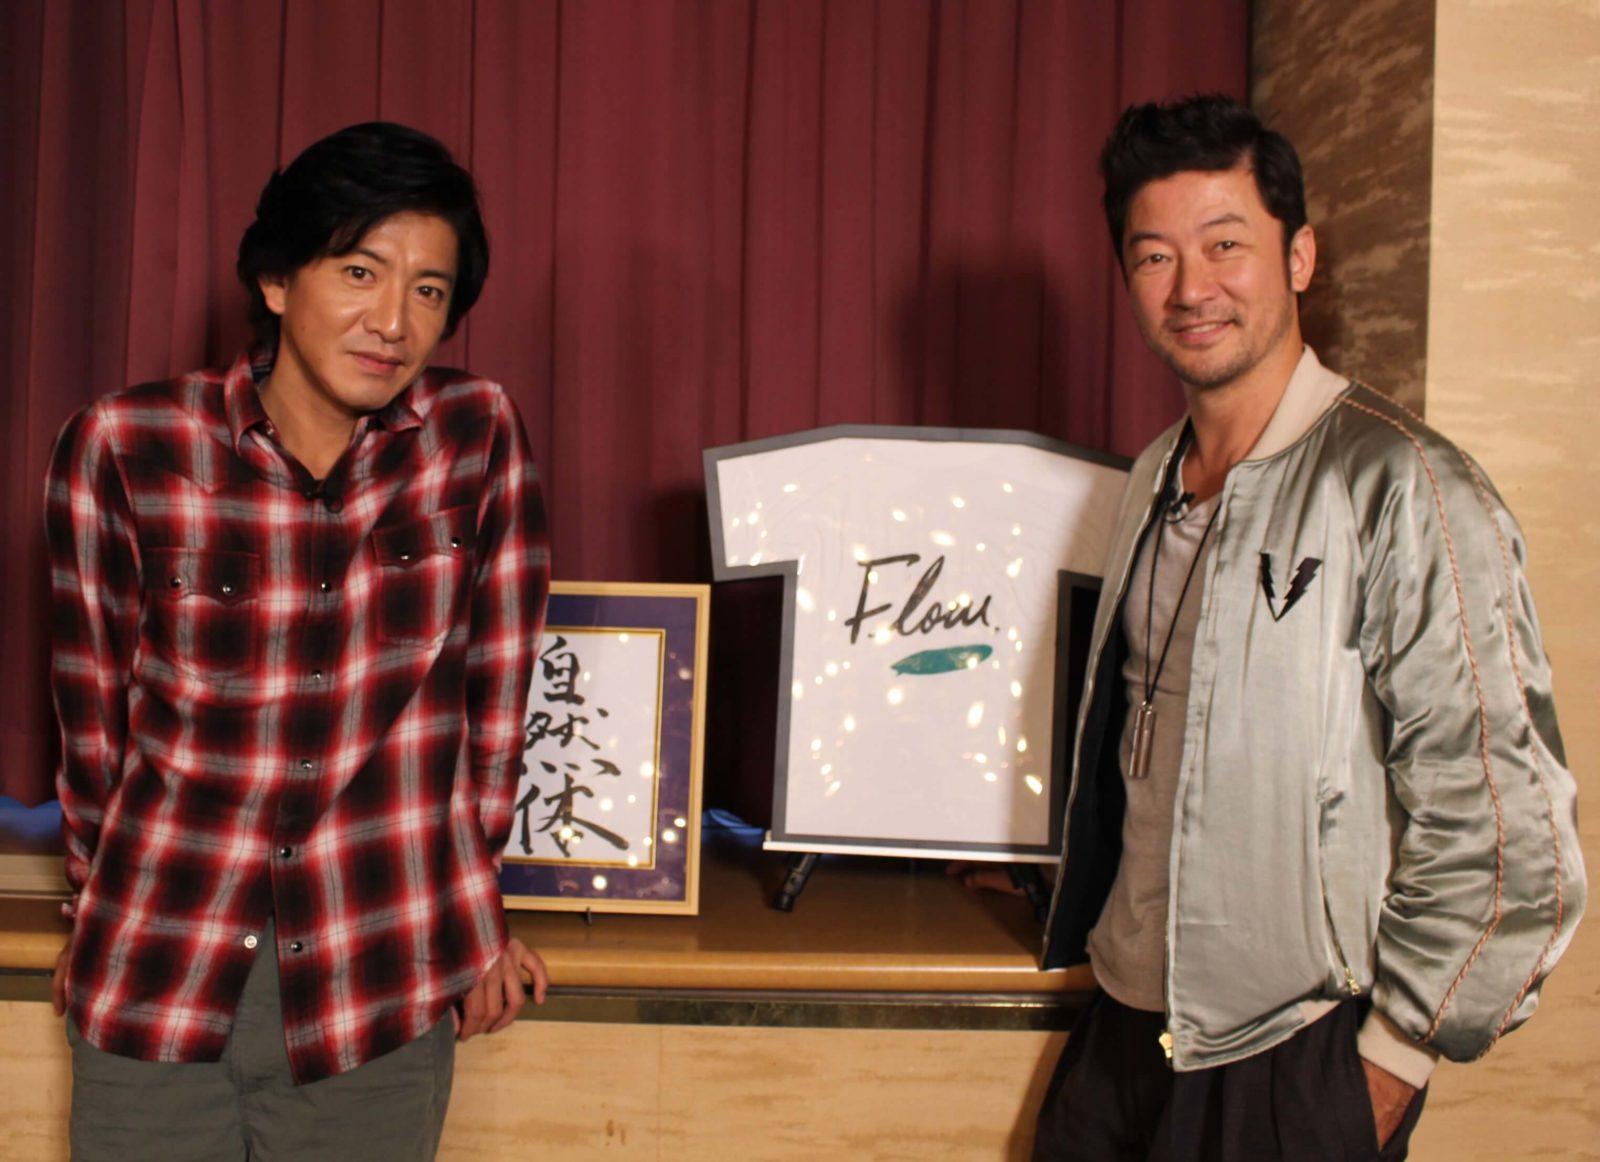 木村拓哉のラジオ番組に浅野忠信が登場、共演後の二人の関係に迫るサムネイル画像